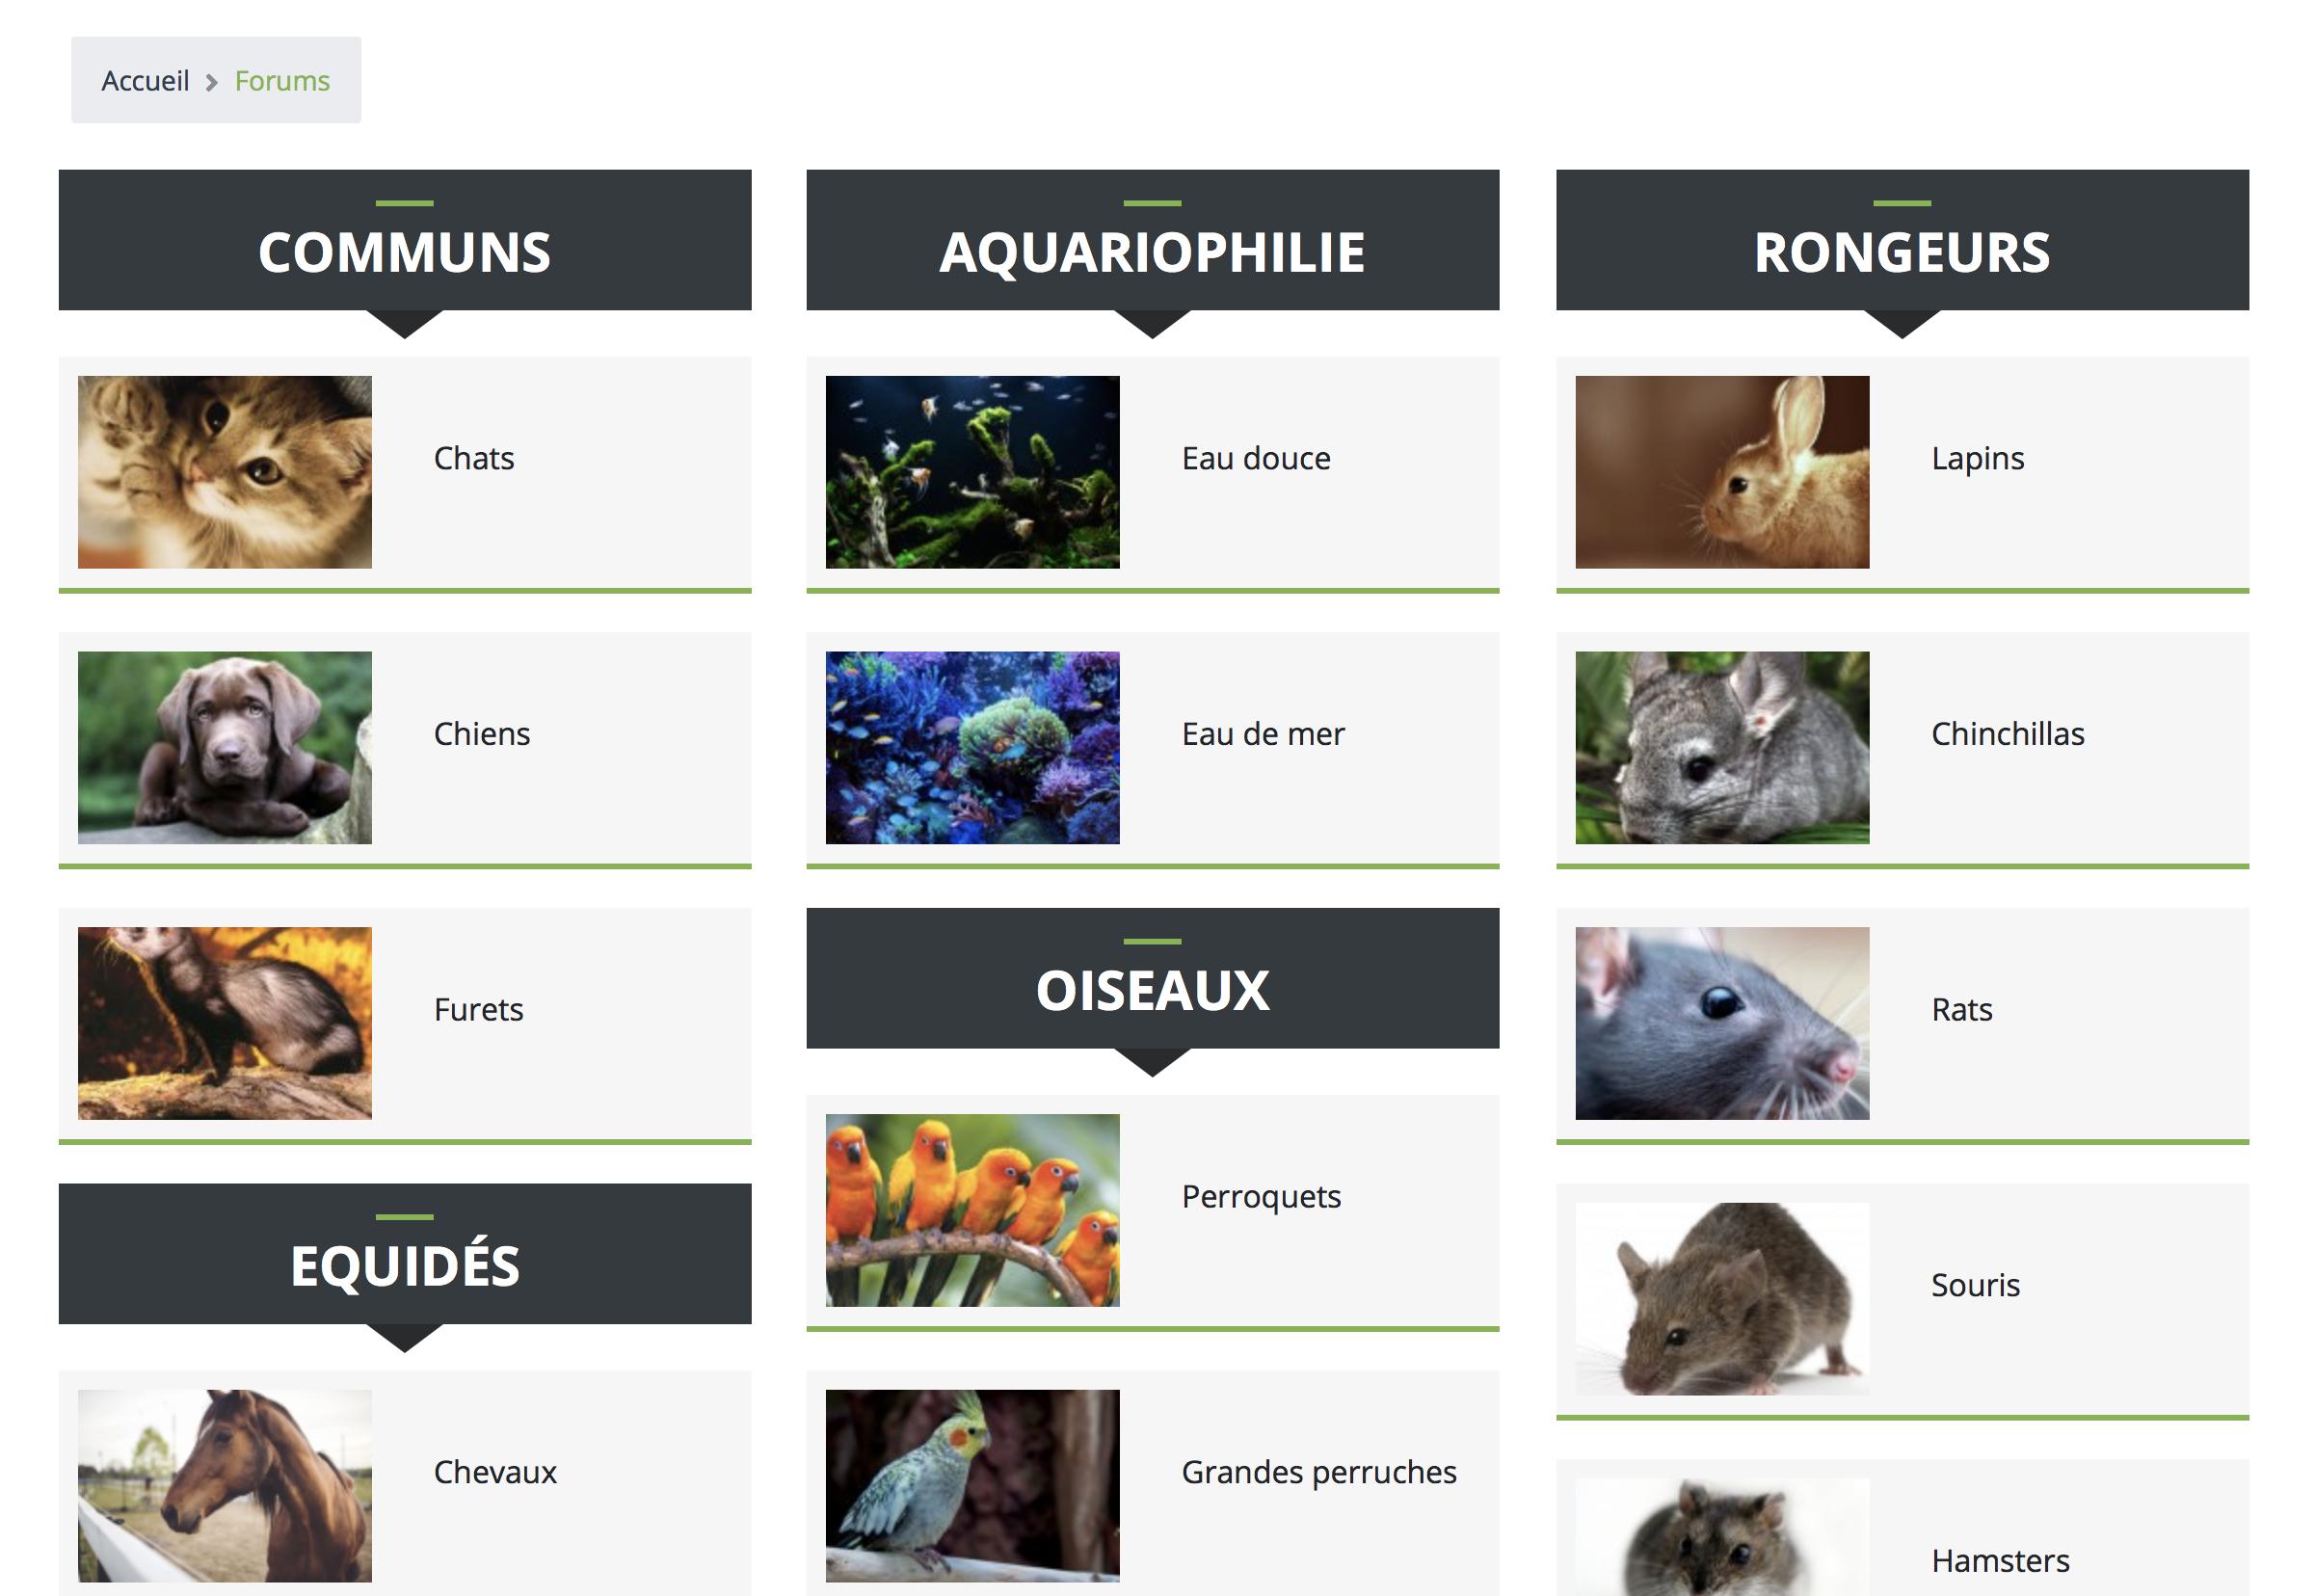 Les différents forums pour chats, chiens, furets, souris, rats, reptiles...